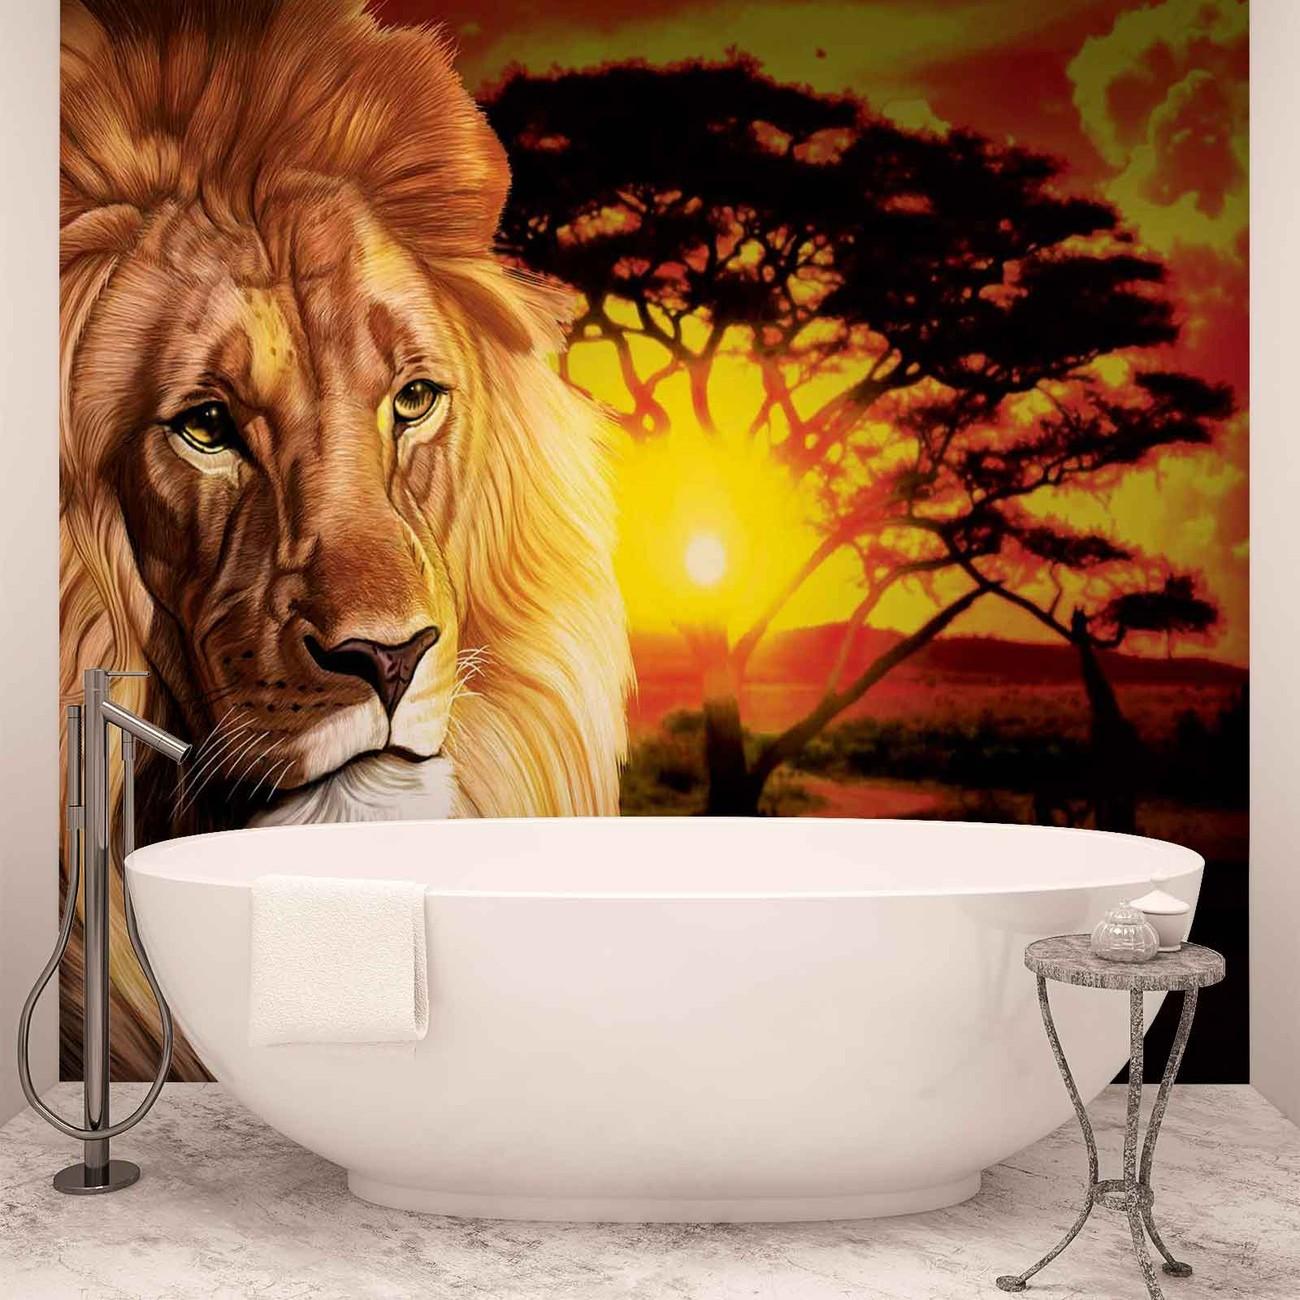 lion coucher de soleil afrique nature arbre poster mural papier peint acheter le sur. Black Bedroom Furniture Sets. Home Design Ideas